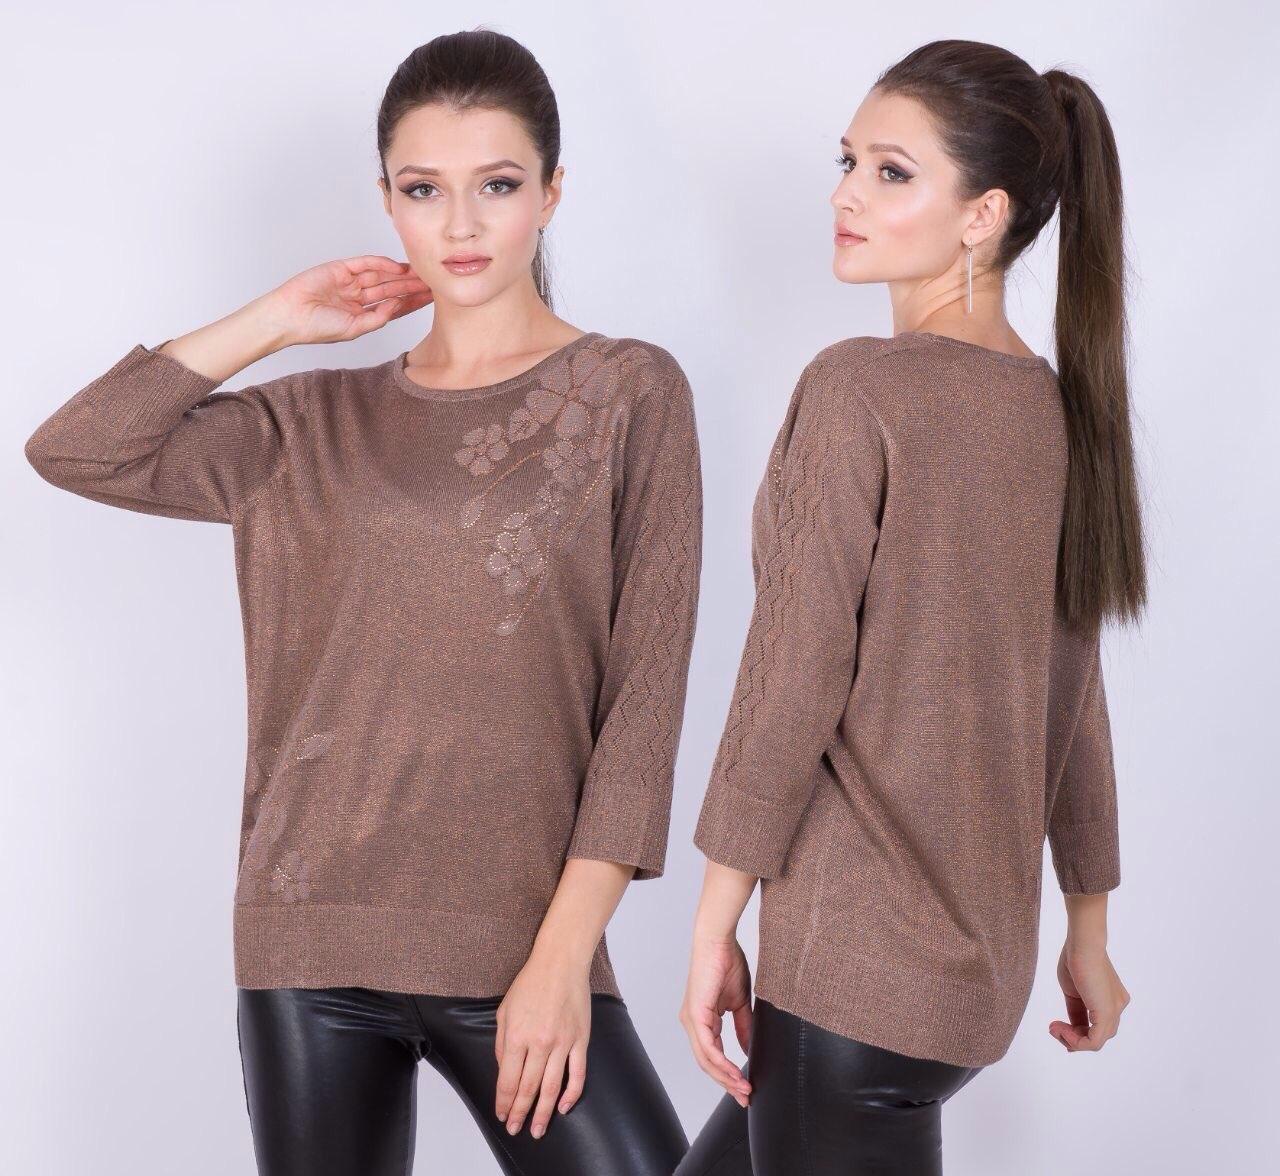 Комфортный свободный свитер 52-56 (в расцветках)